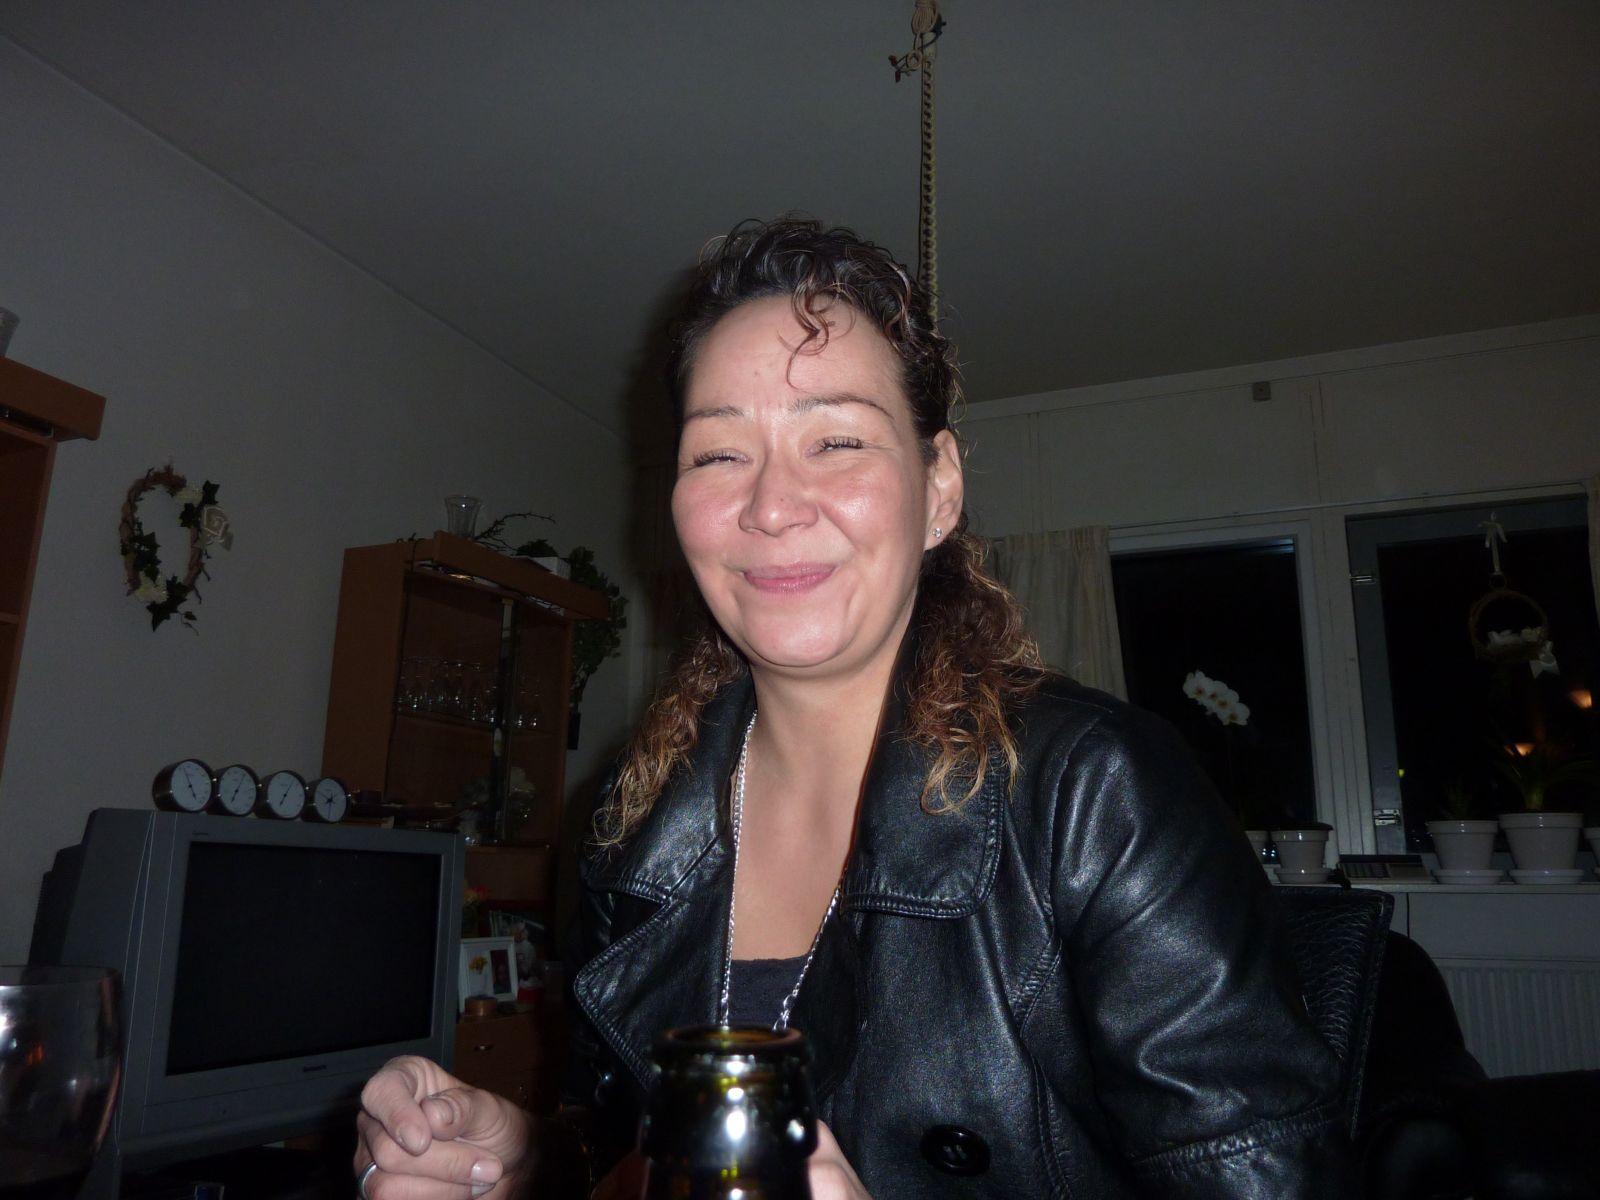 2010-03-14-0151_-_Peters_Kone